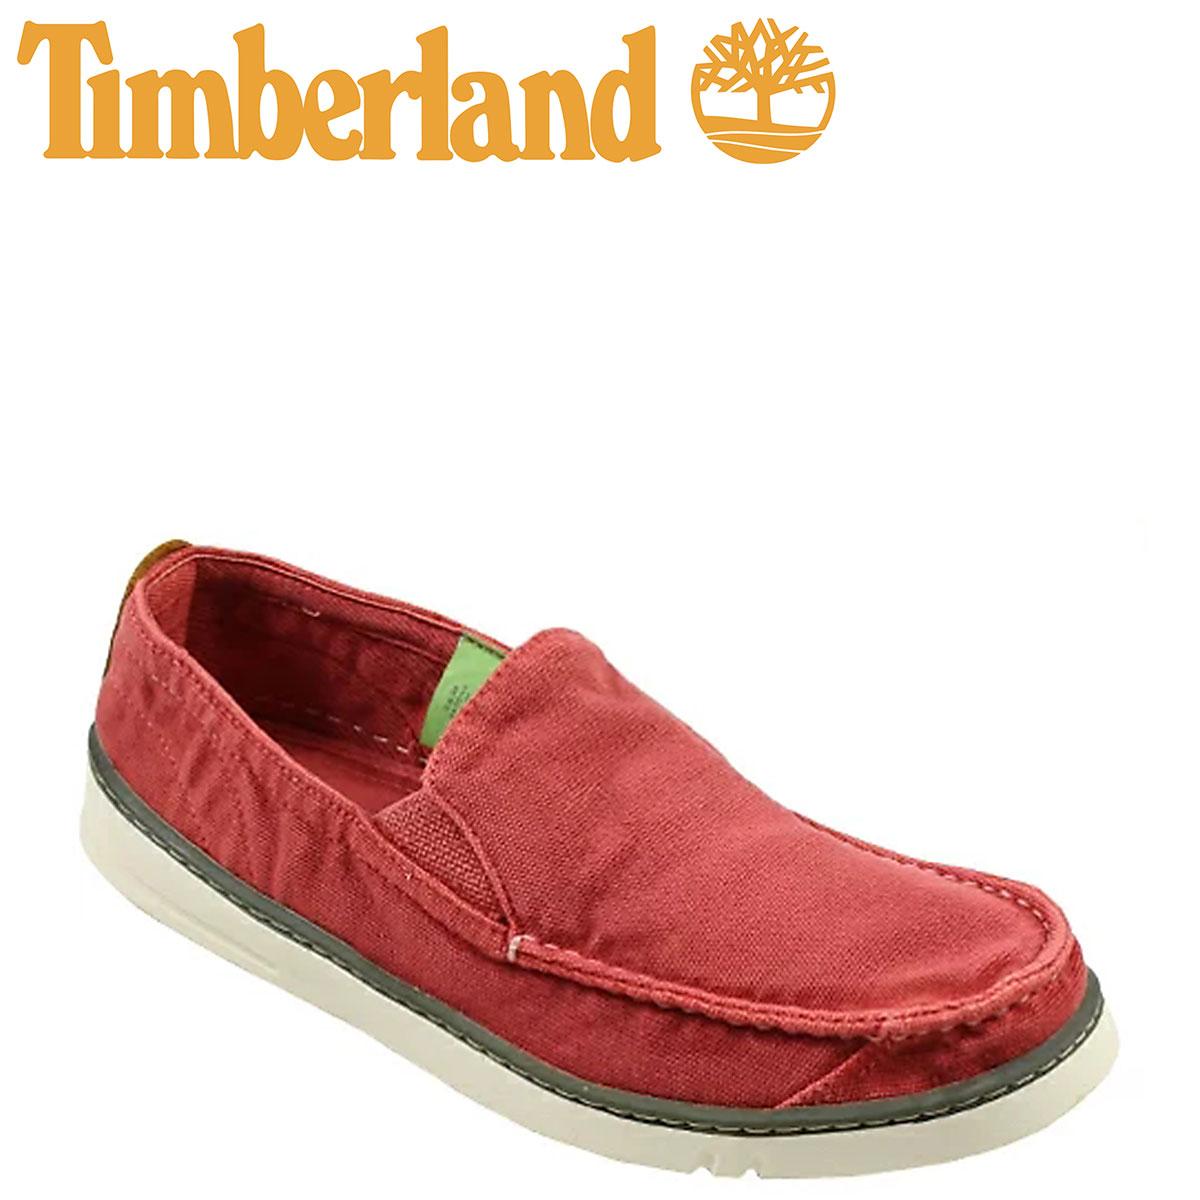 天伯伦天伯伦卫士 hooksett 制作滑鞋 EK HOOKSET 手工制作滑帆布男子的 5610R 洗红